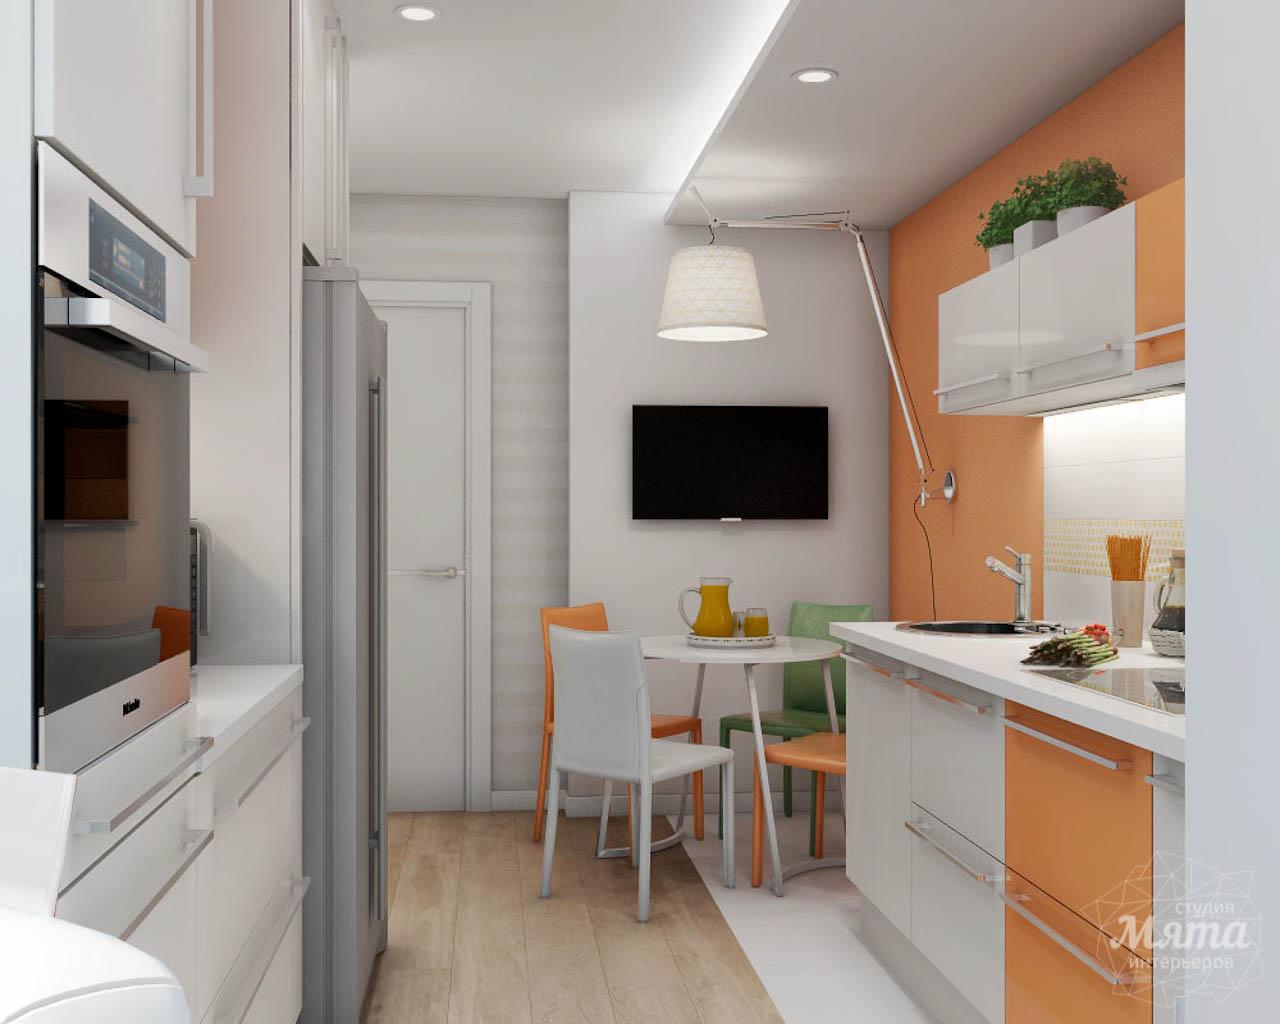 Дизайн интерьера однокомнатной квартиры в современном стиле по ул. Агрономическая 47 img1346121403